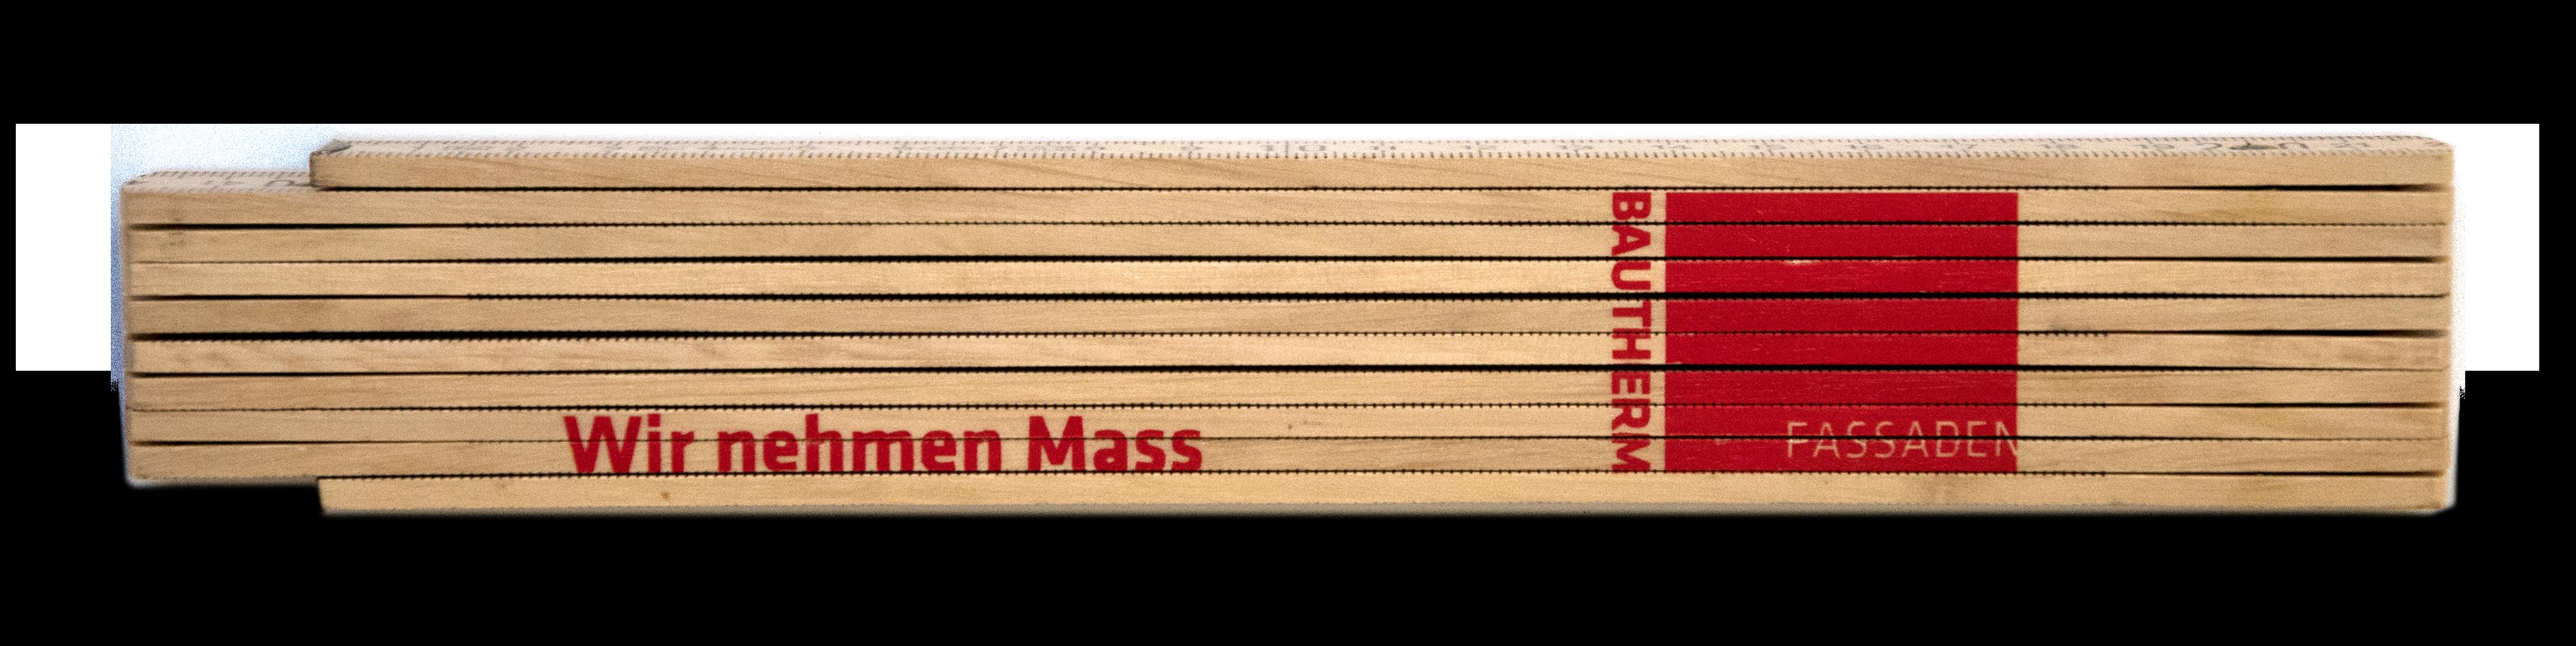 Bautherm AG - Wir nehmen Mass